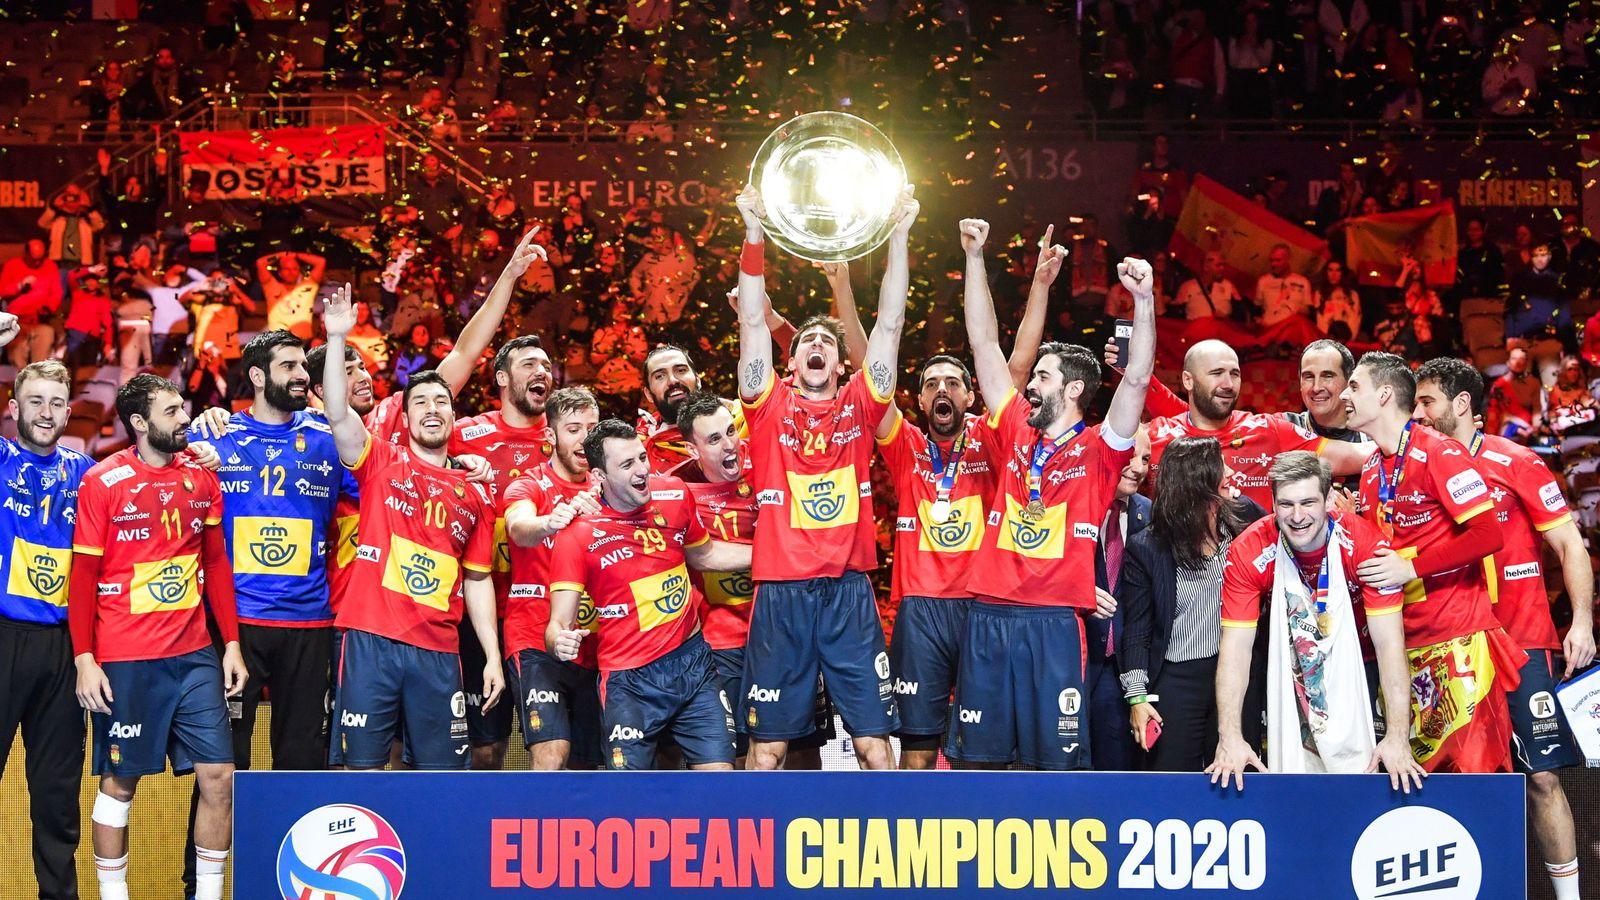 Selección española de balonmano: España vence a Croacia en un final de  infarto y revalida el título europeo de balonmano